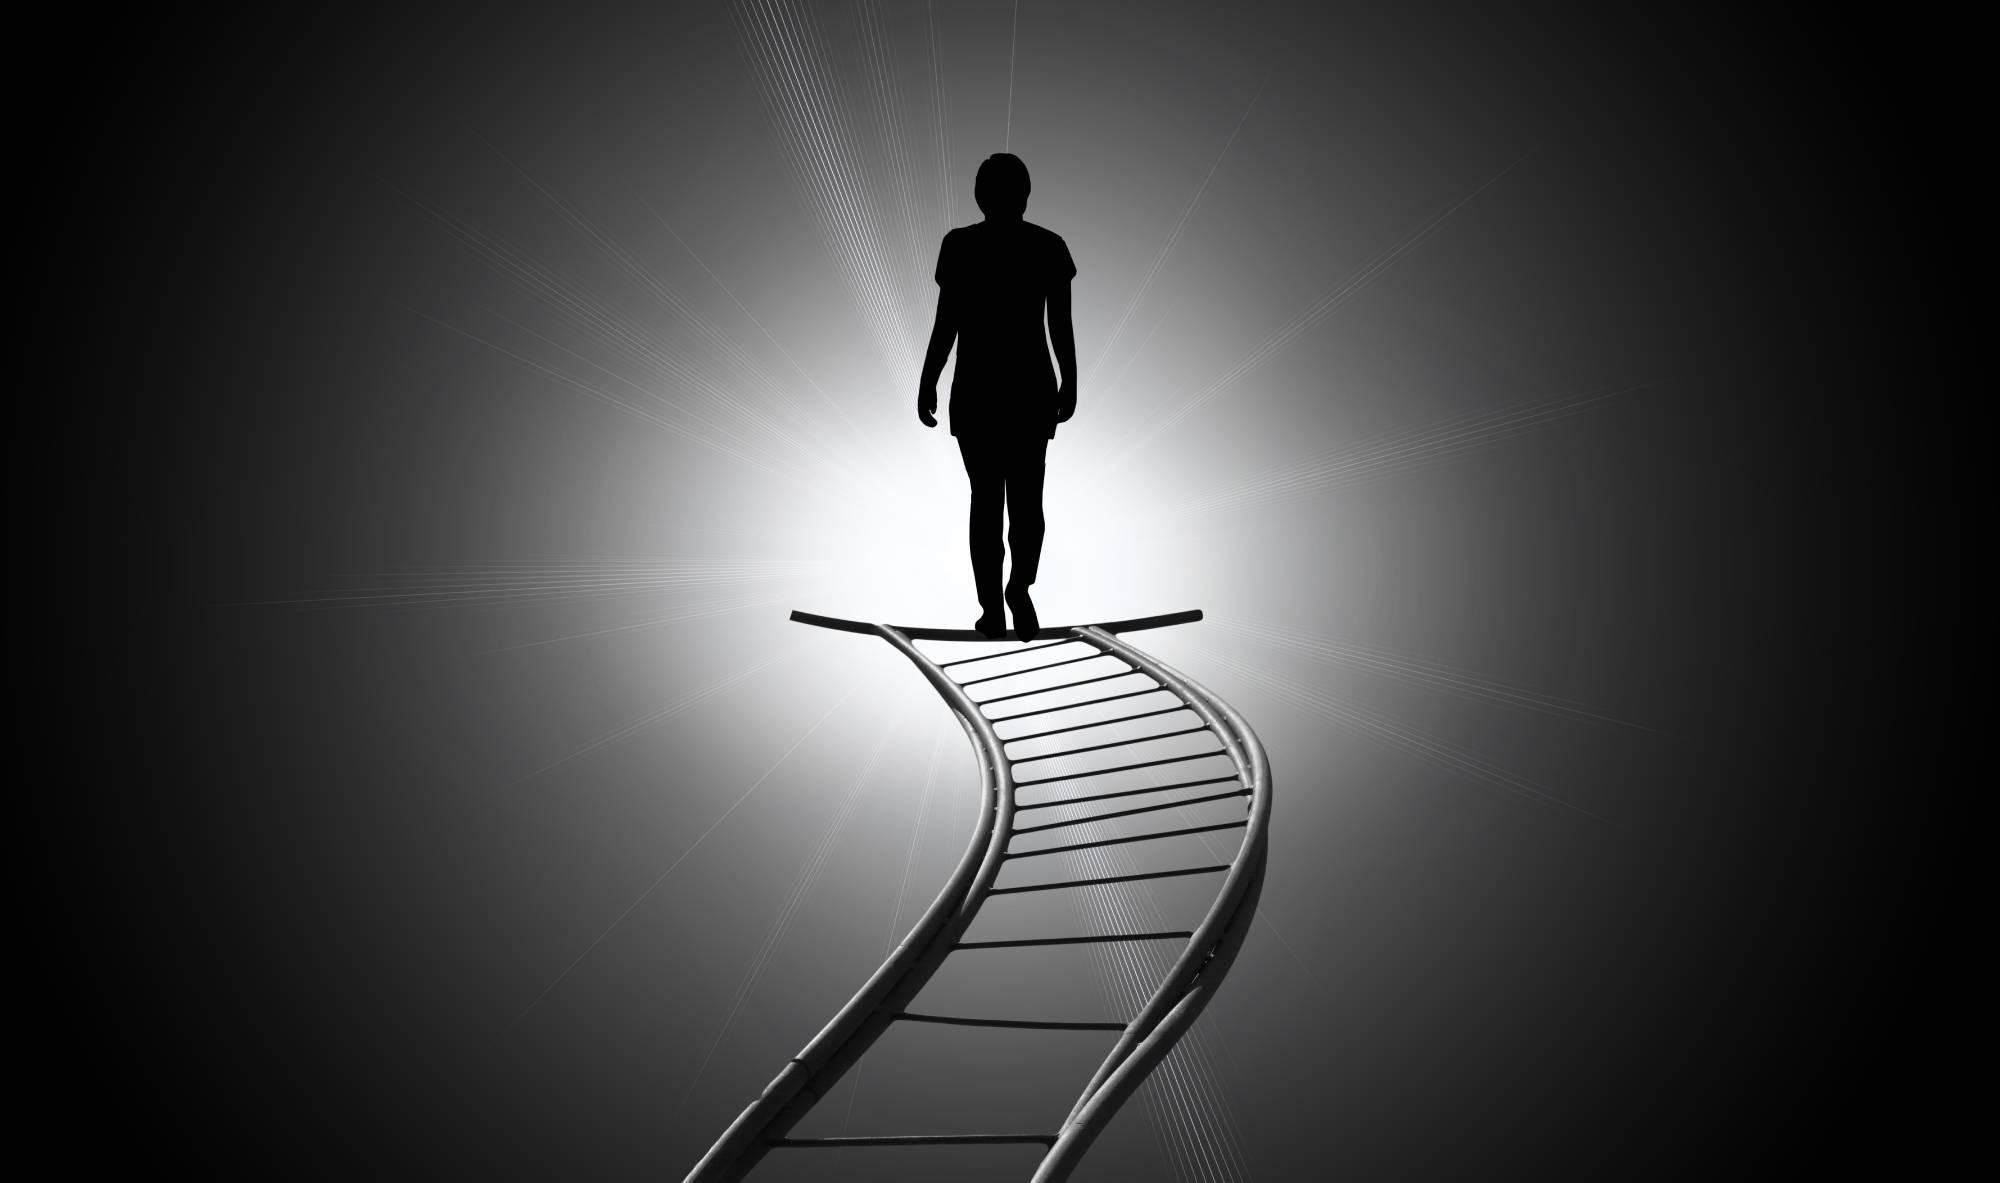 a man walks a staircase towards the sun